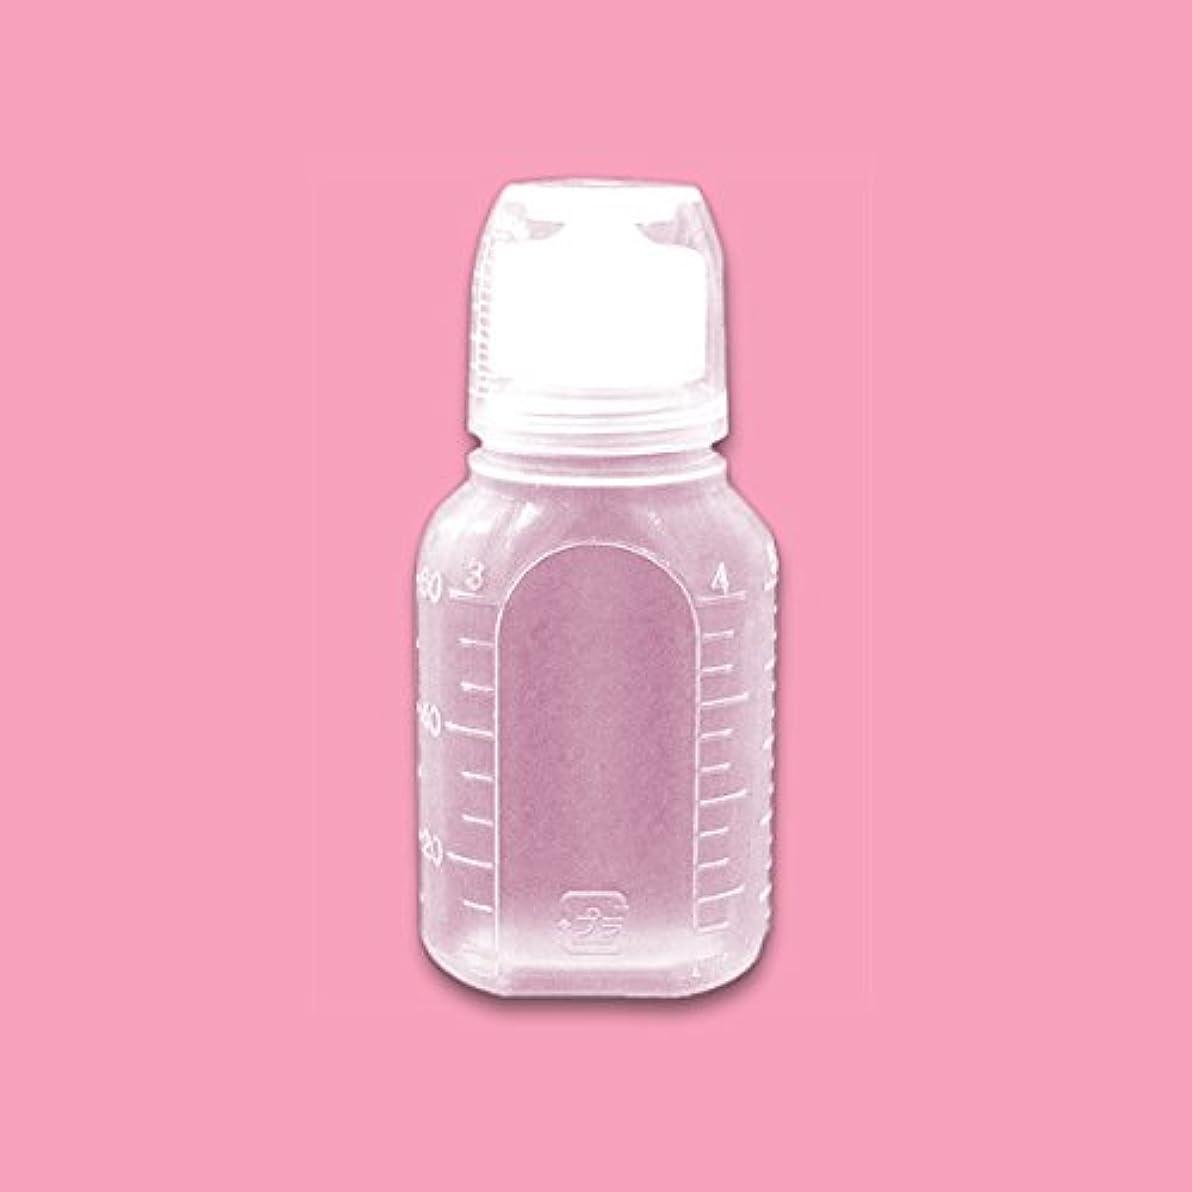 誇りに思ううるさいねばねば液体用空ボトル 60g 5個入 [ 空ボトル 空容器 詰め替え用 うがい薬 ローションボトル サンプル用 ]◆